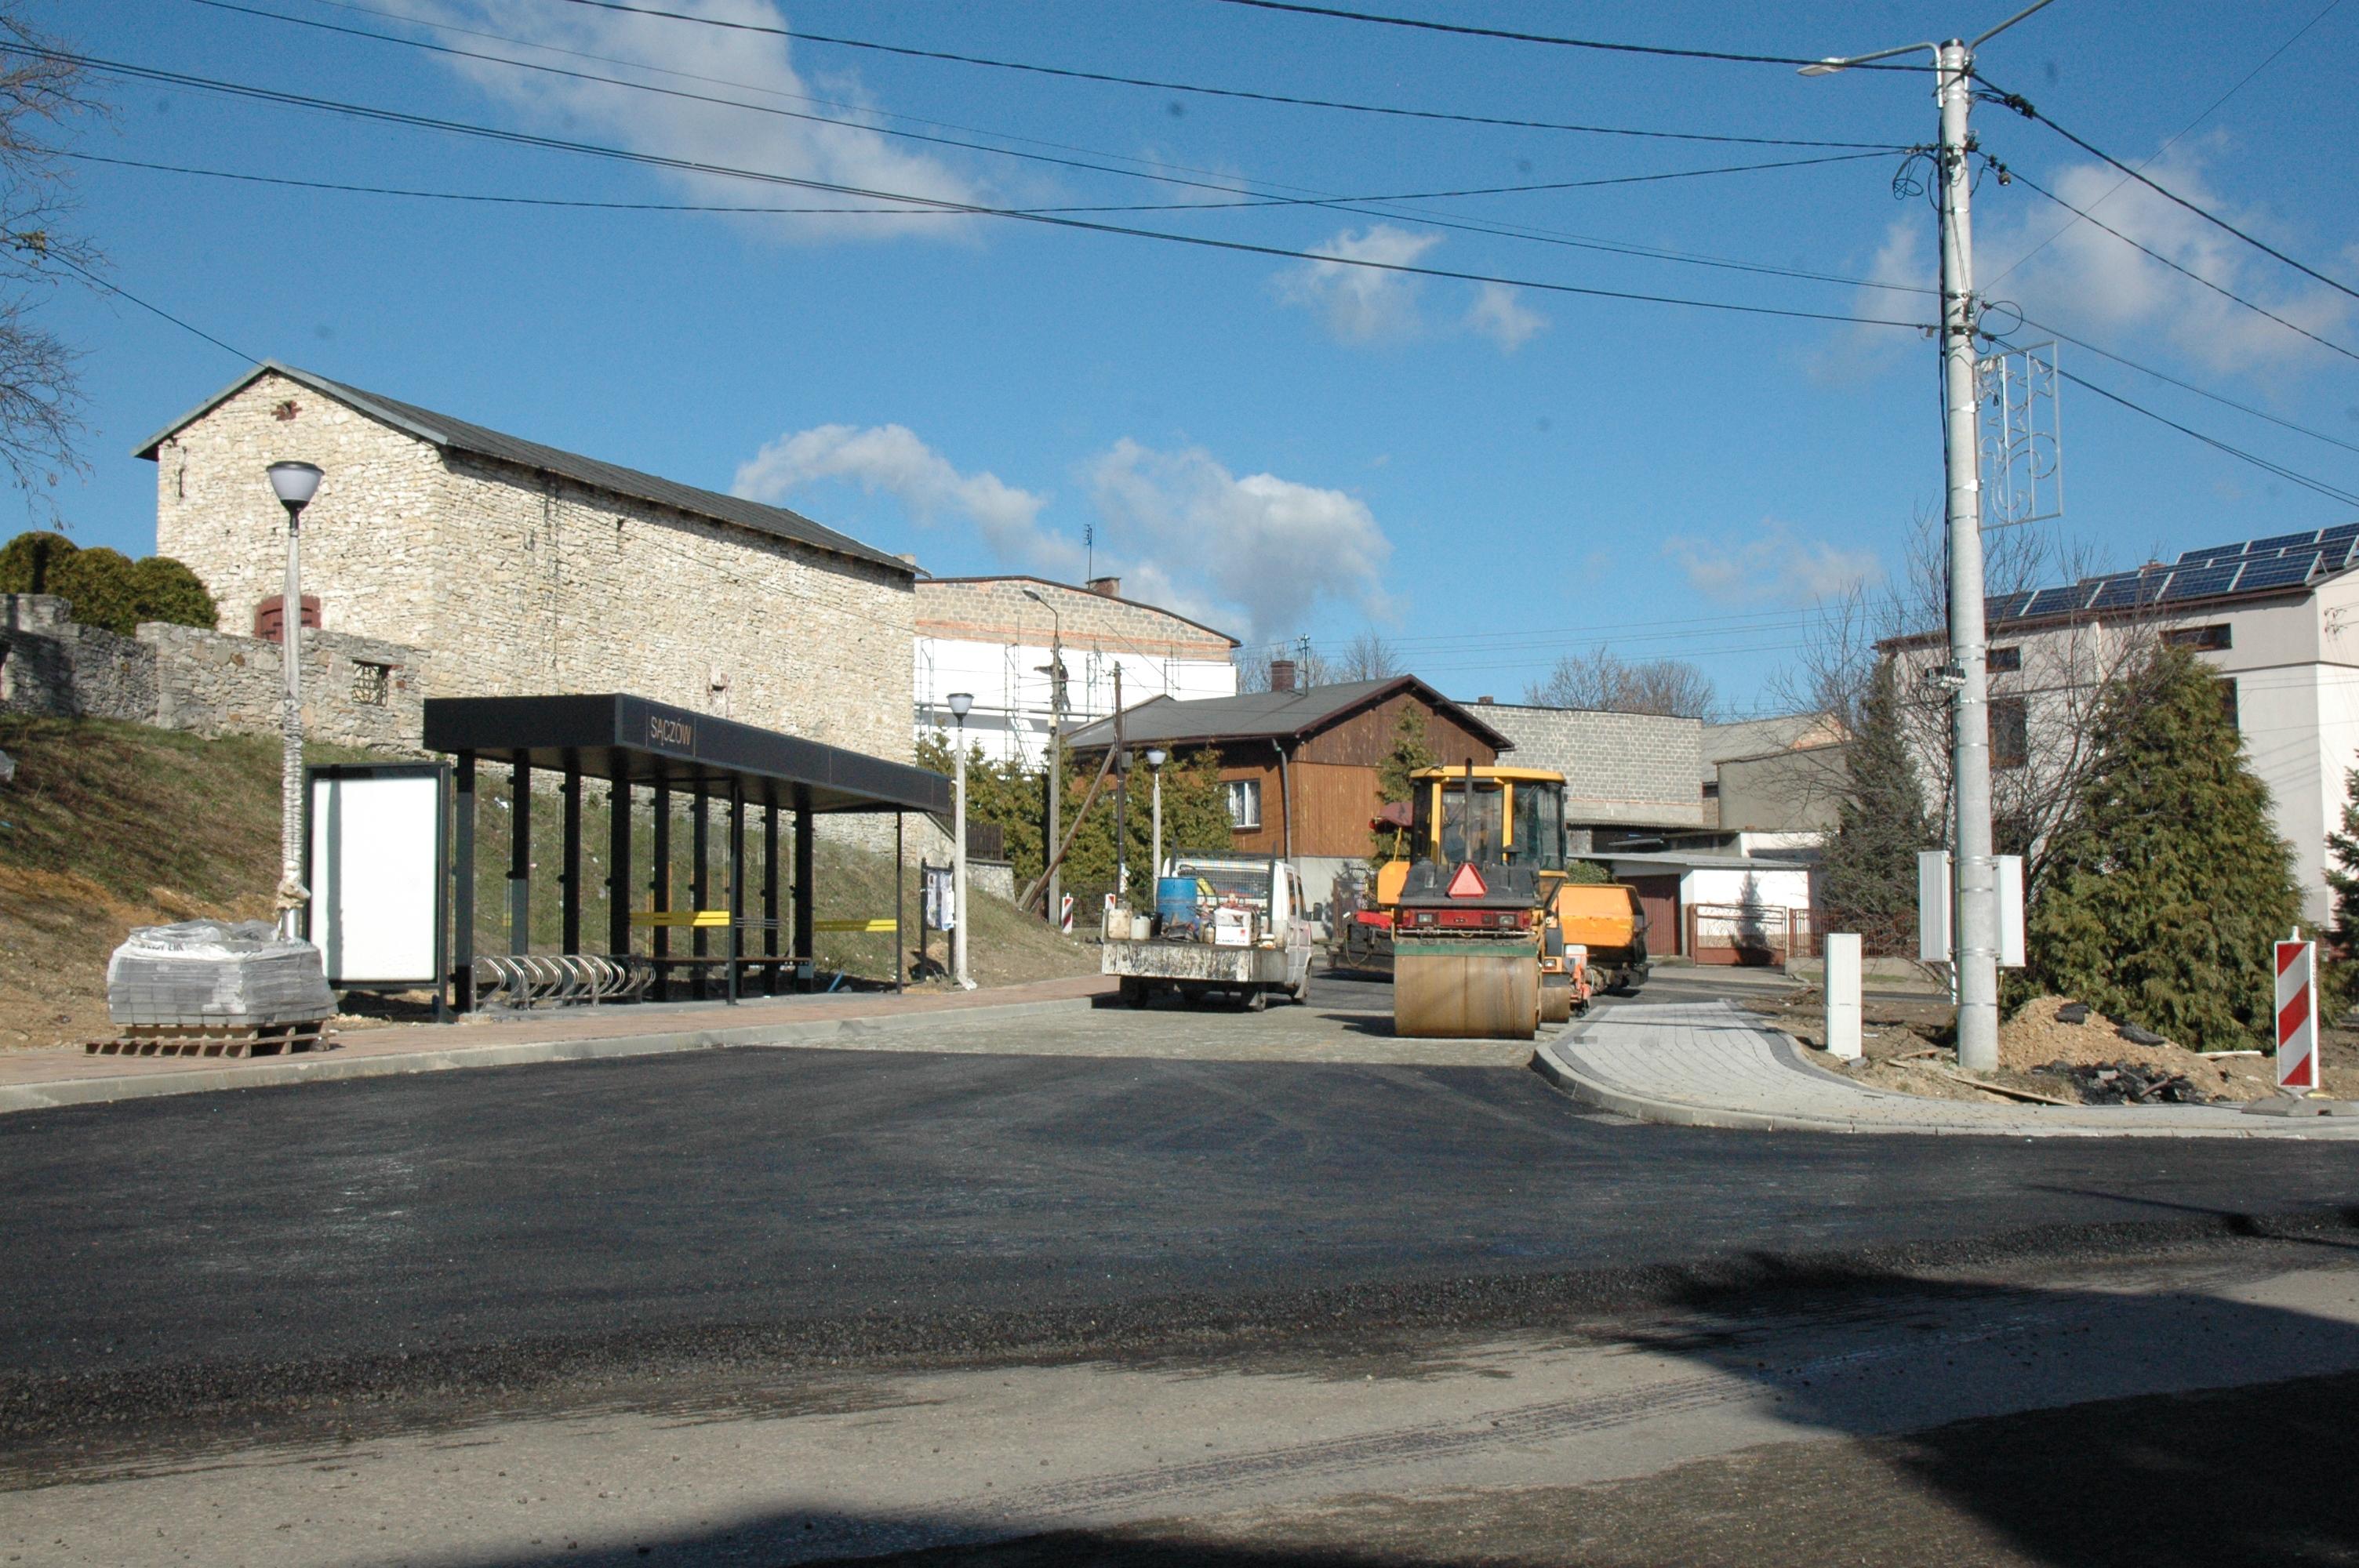 Remont drogi, na środku obok siebie stoją samochód oraz walec, po lewej stronie znajduje się przystanek autobusowy